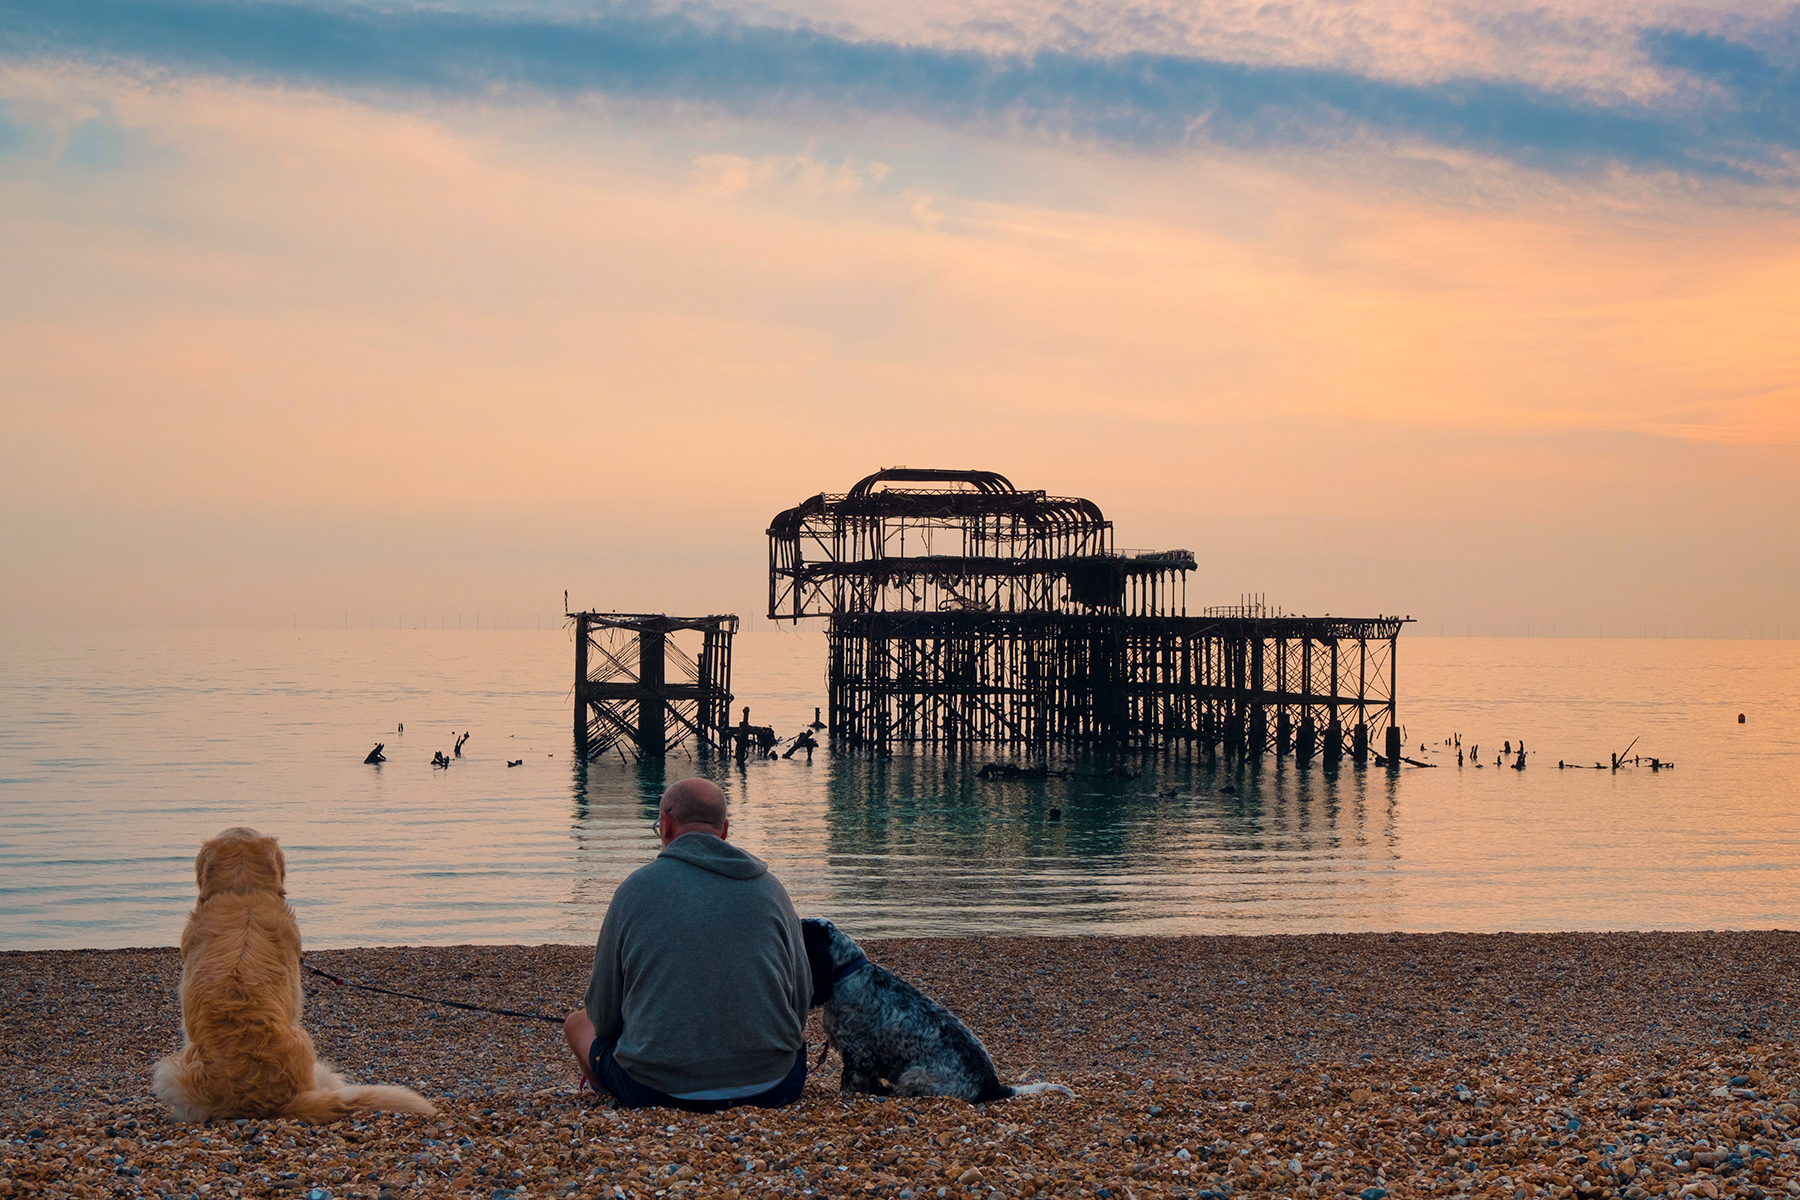 West Pier, Brighton, East Sussex